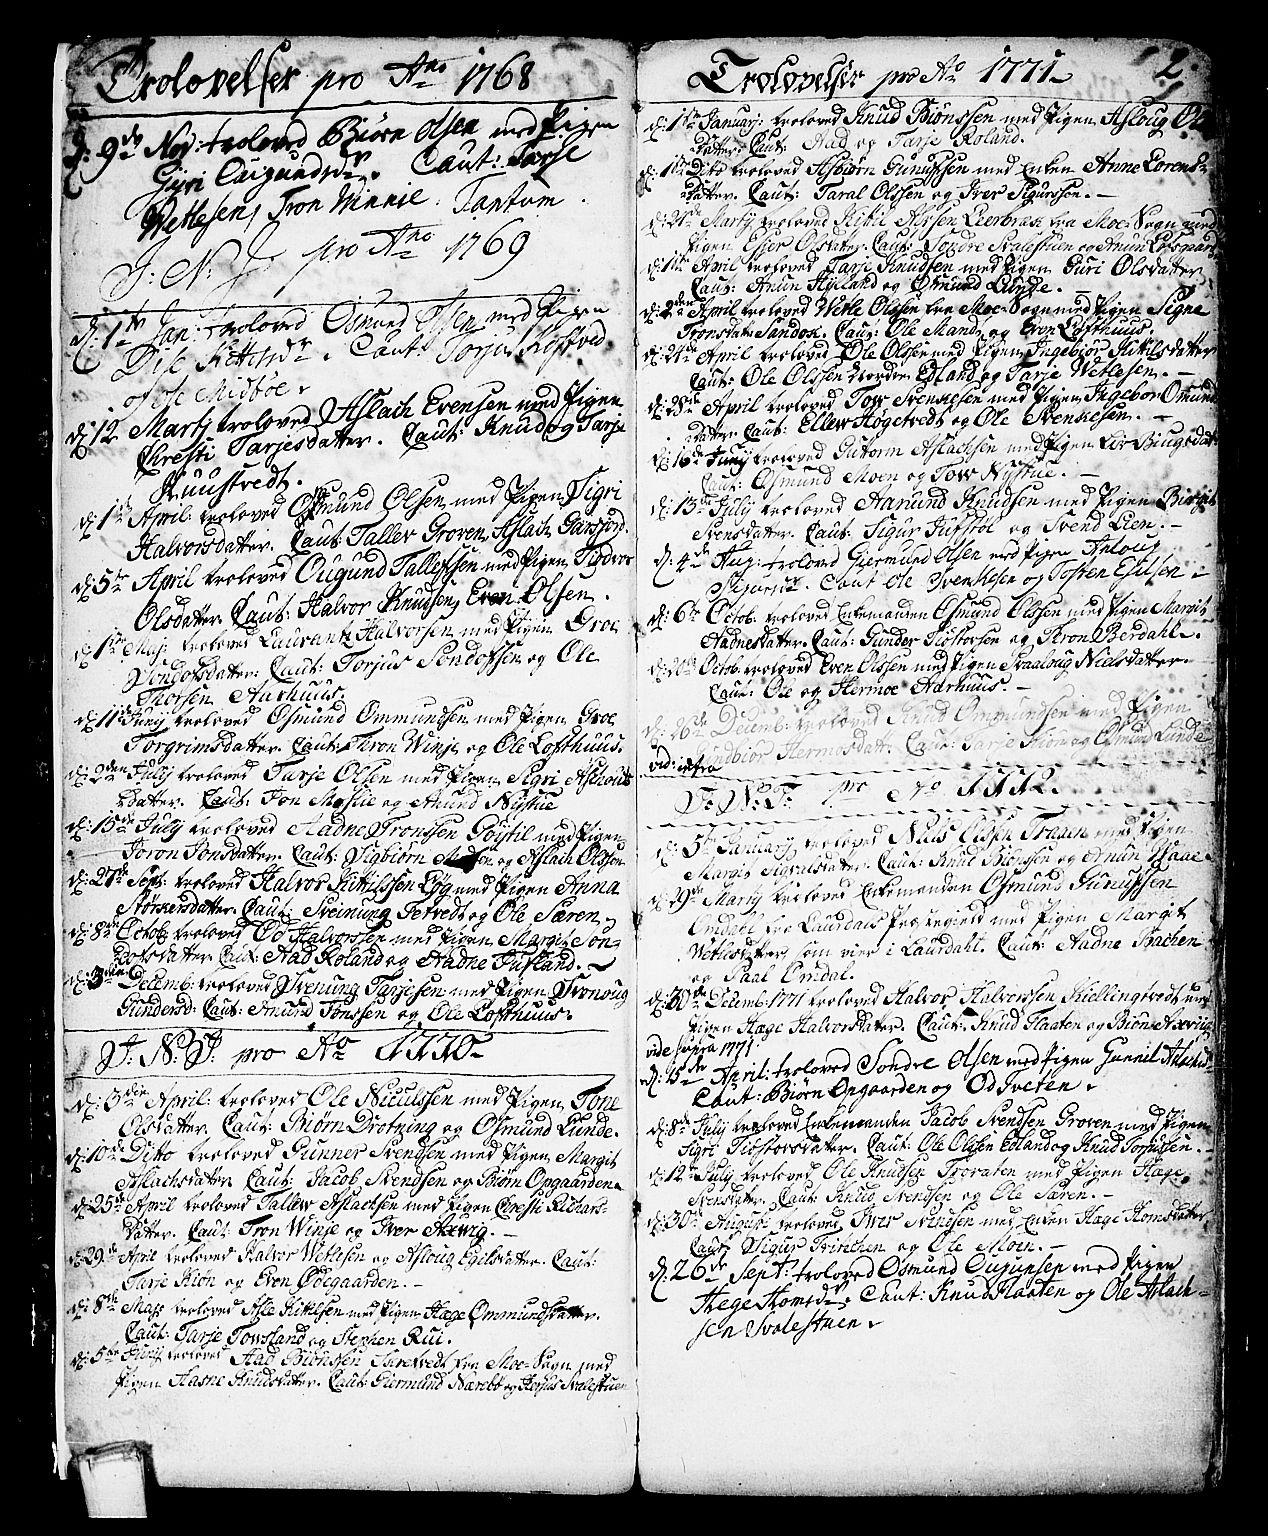 SAKO, Vinje kirkebøker, F/Fa/L0002: Ministerialbok nr. I 2, 1767-1814, s. 2